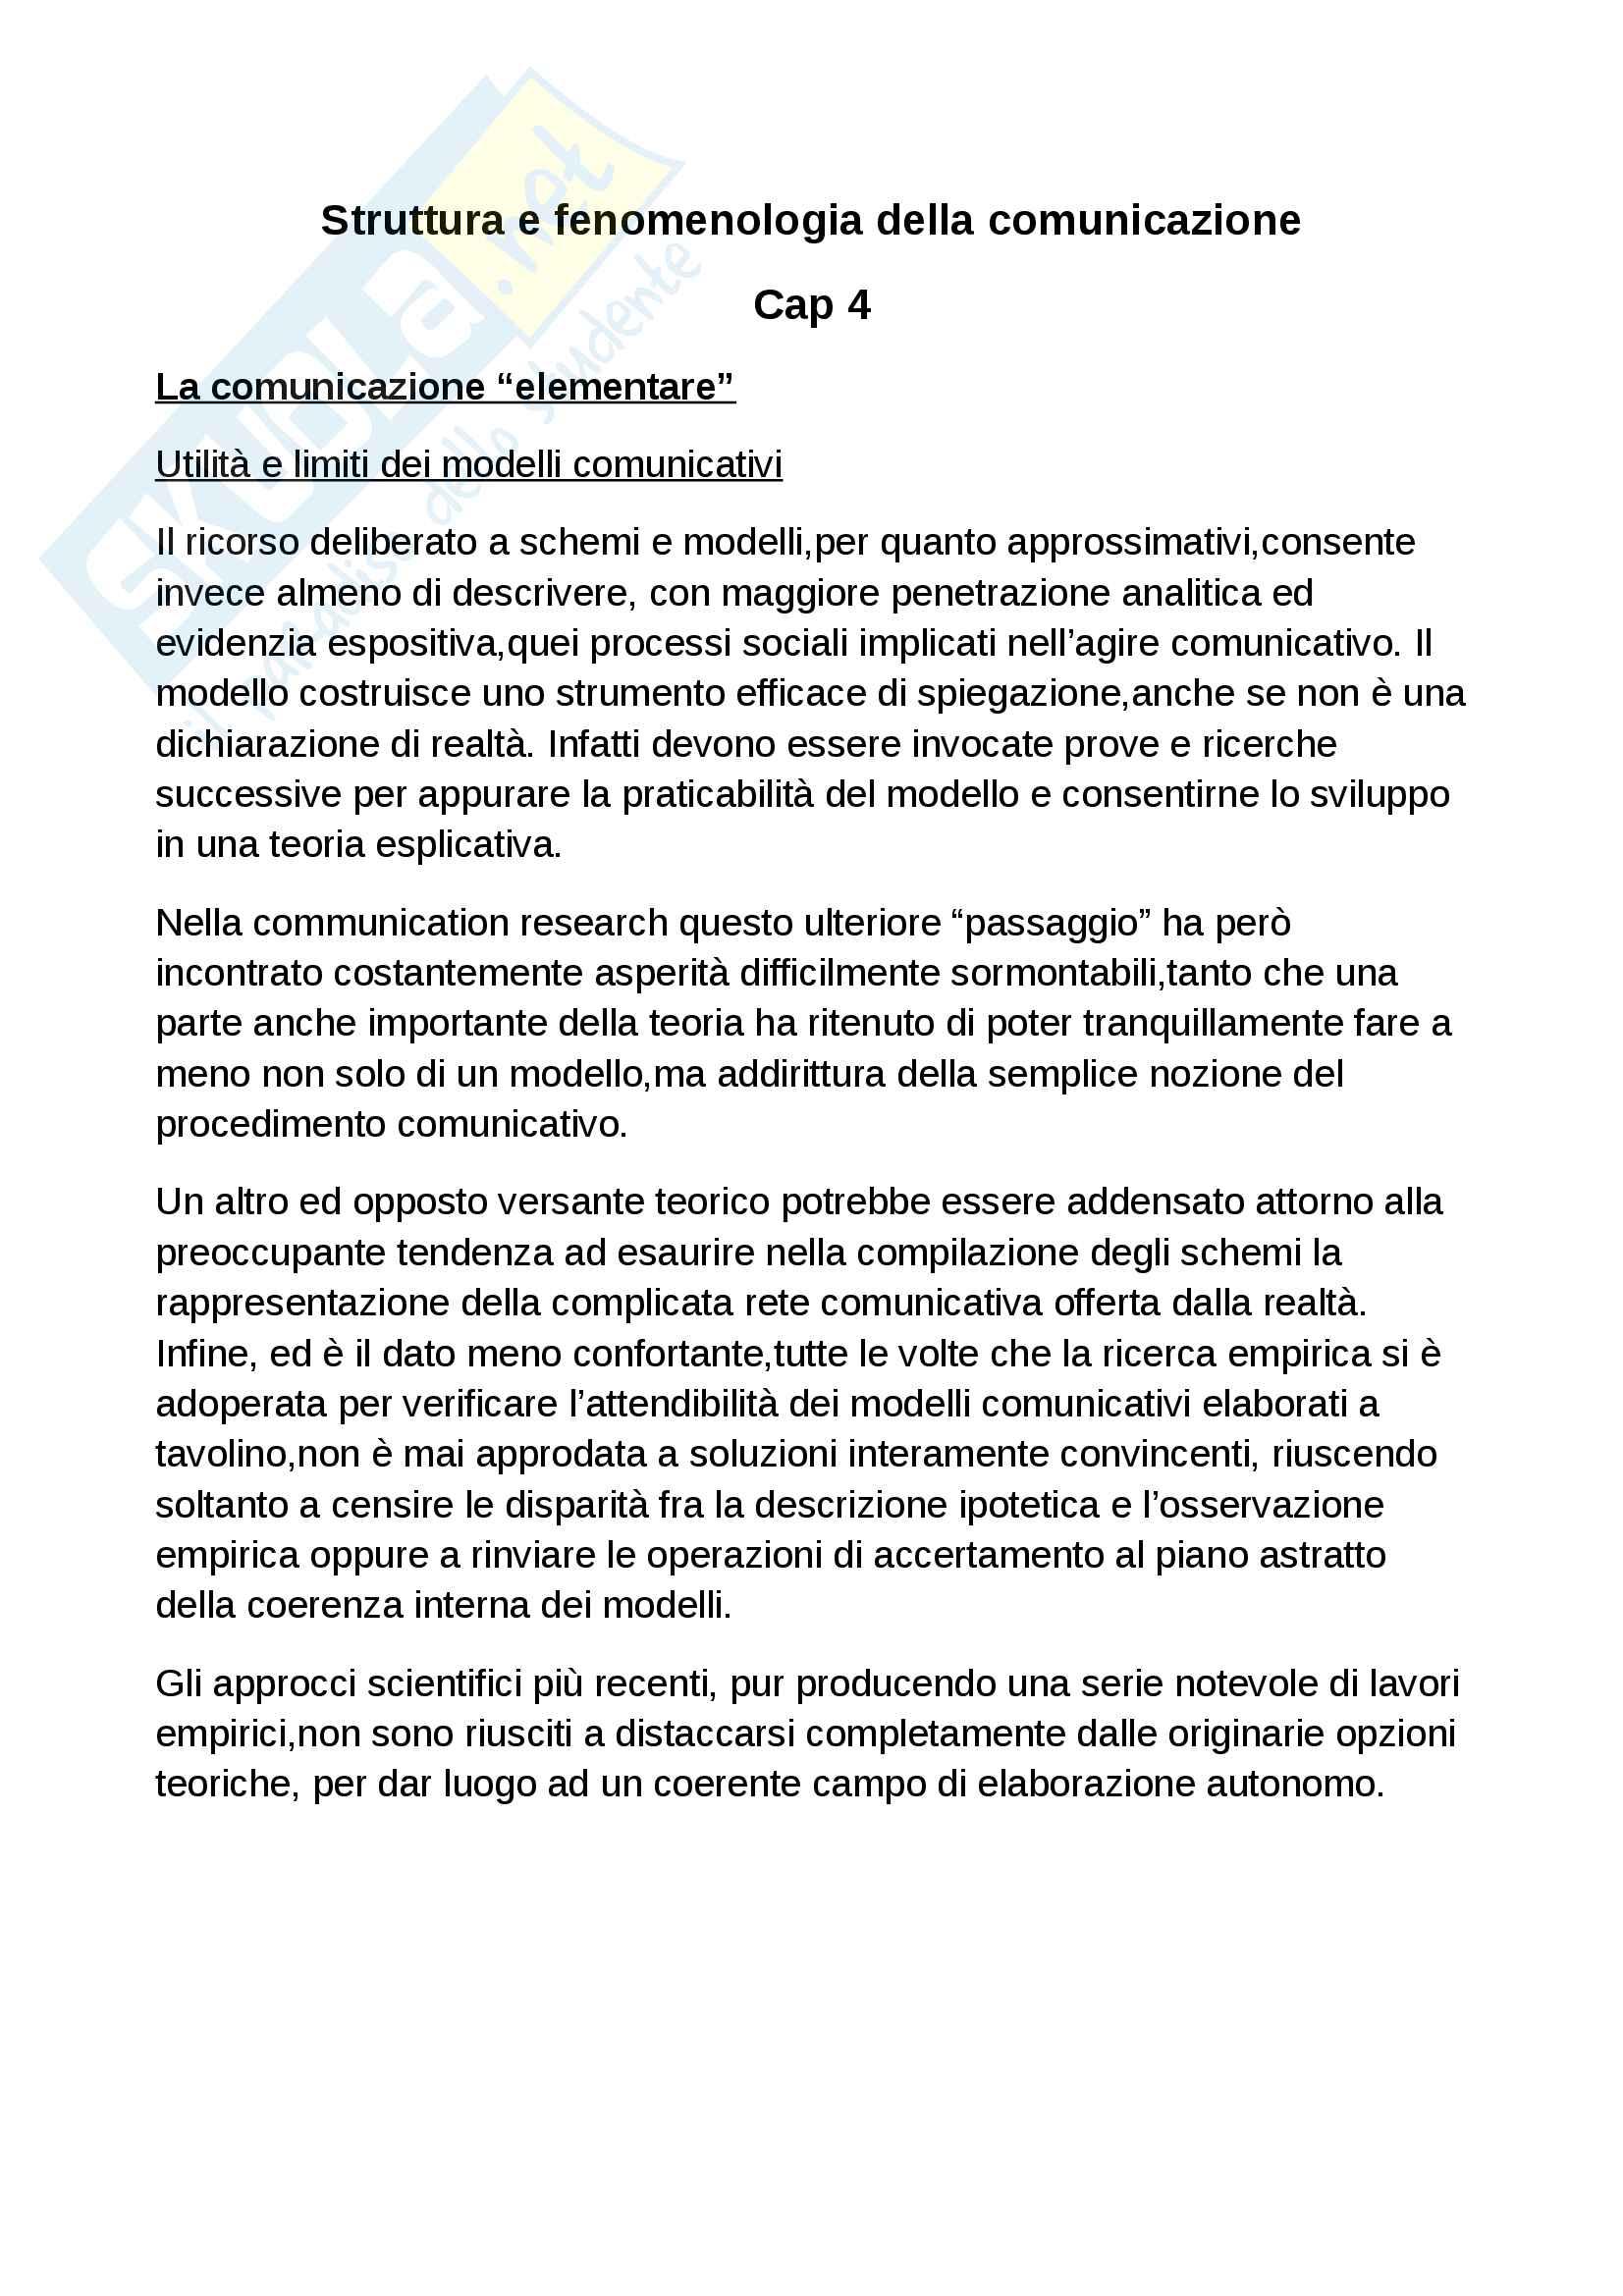 Riassunto esame sociologia della comunicazione. Libro consigliato La scienza della comunicazione, Morcellini, Fatelli Pag. 31